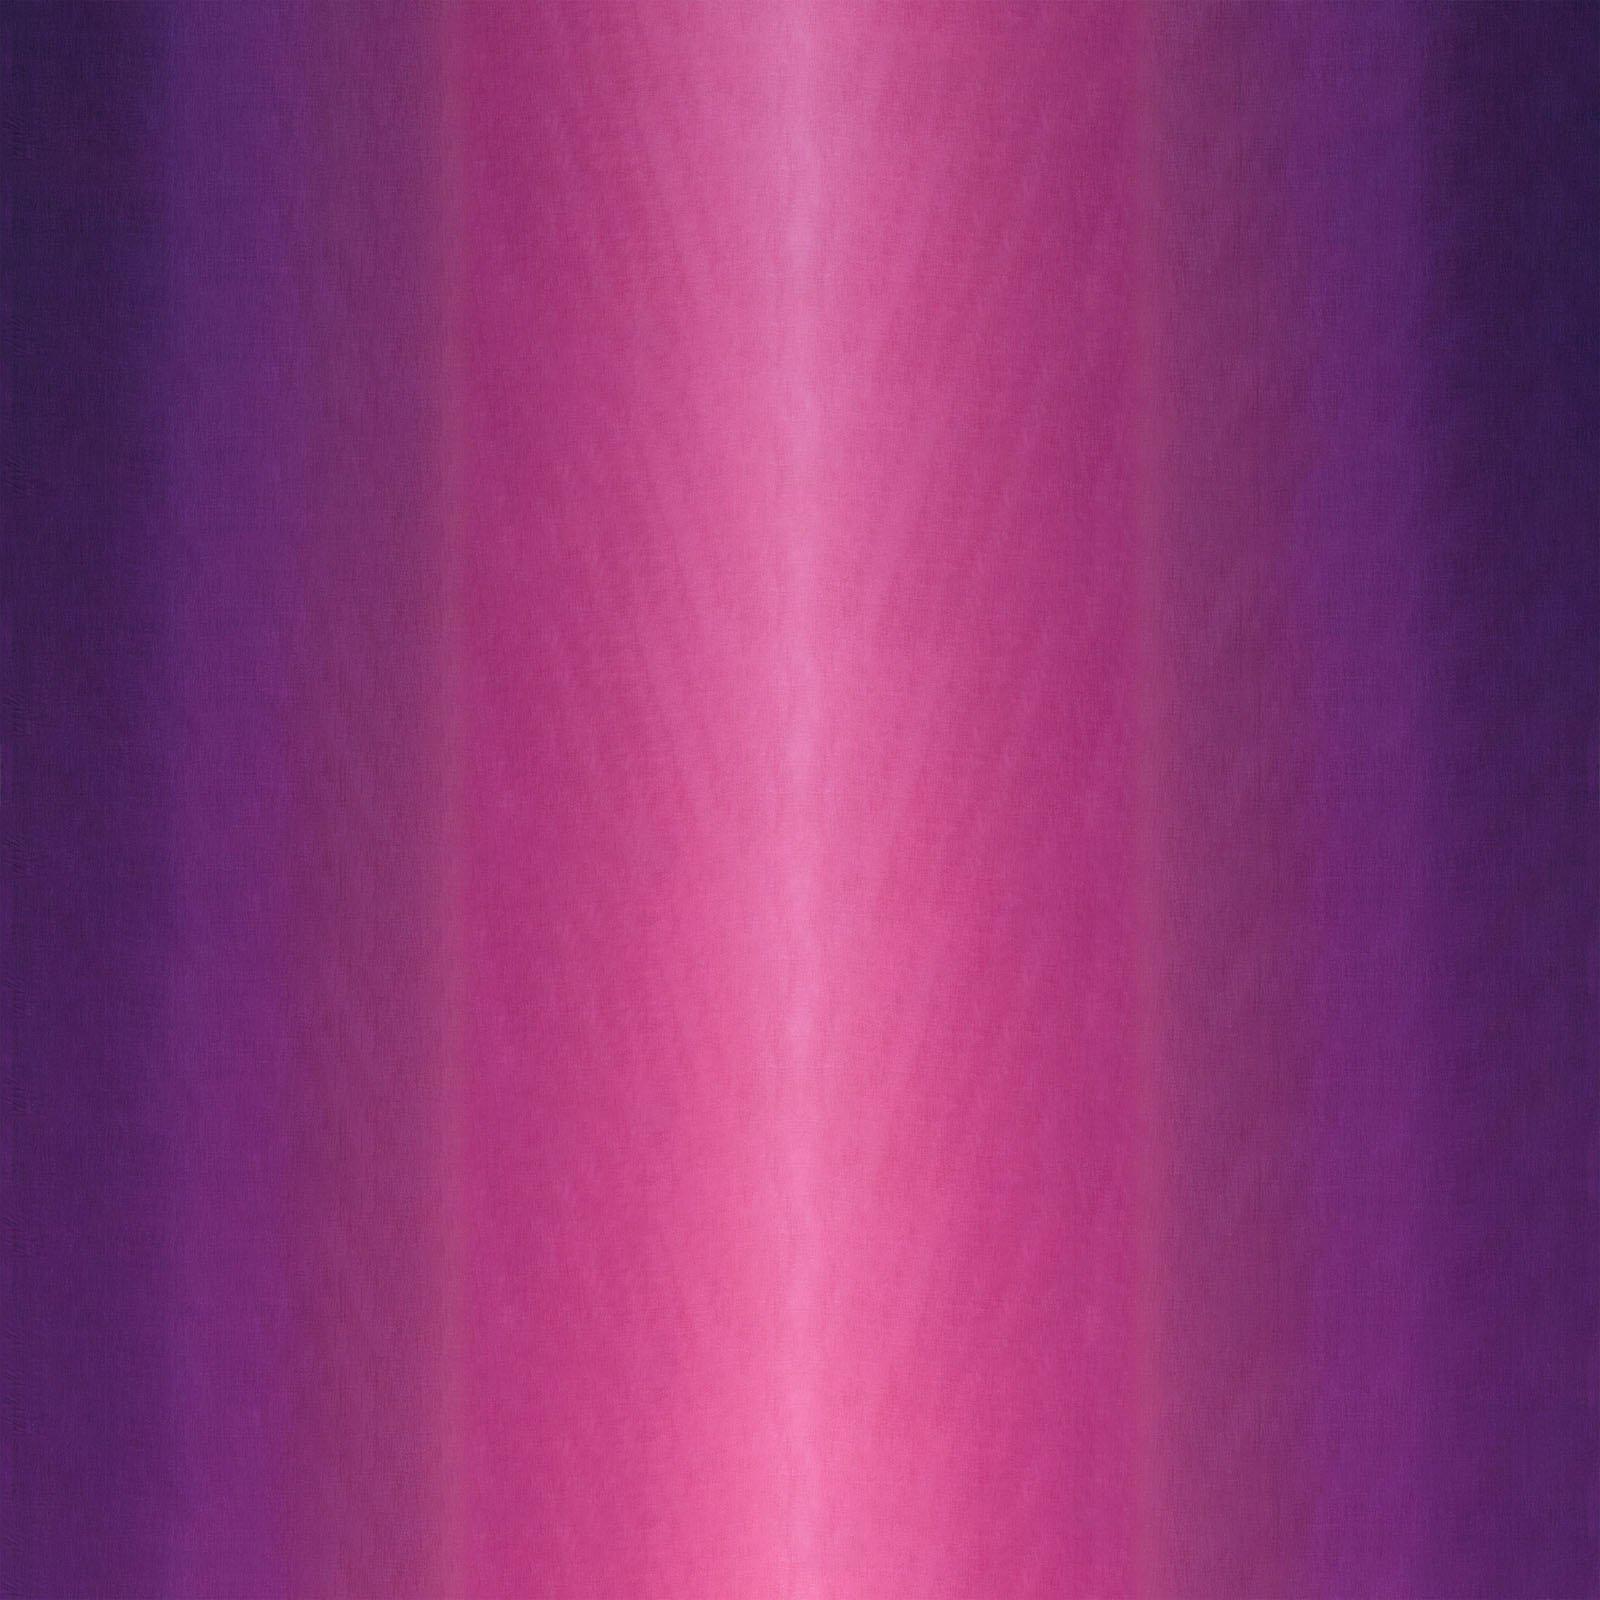 EESC-11216 VP - GELATO OMBRE BY MAYWOOD PURPLE PINK MULTI